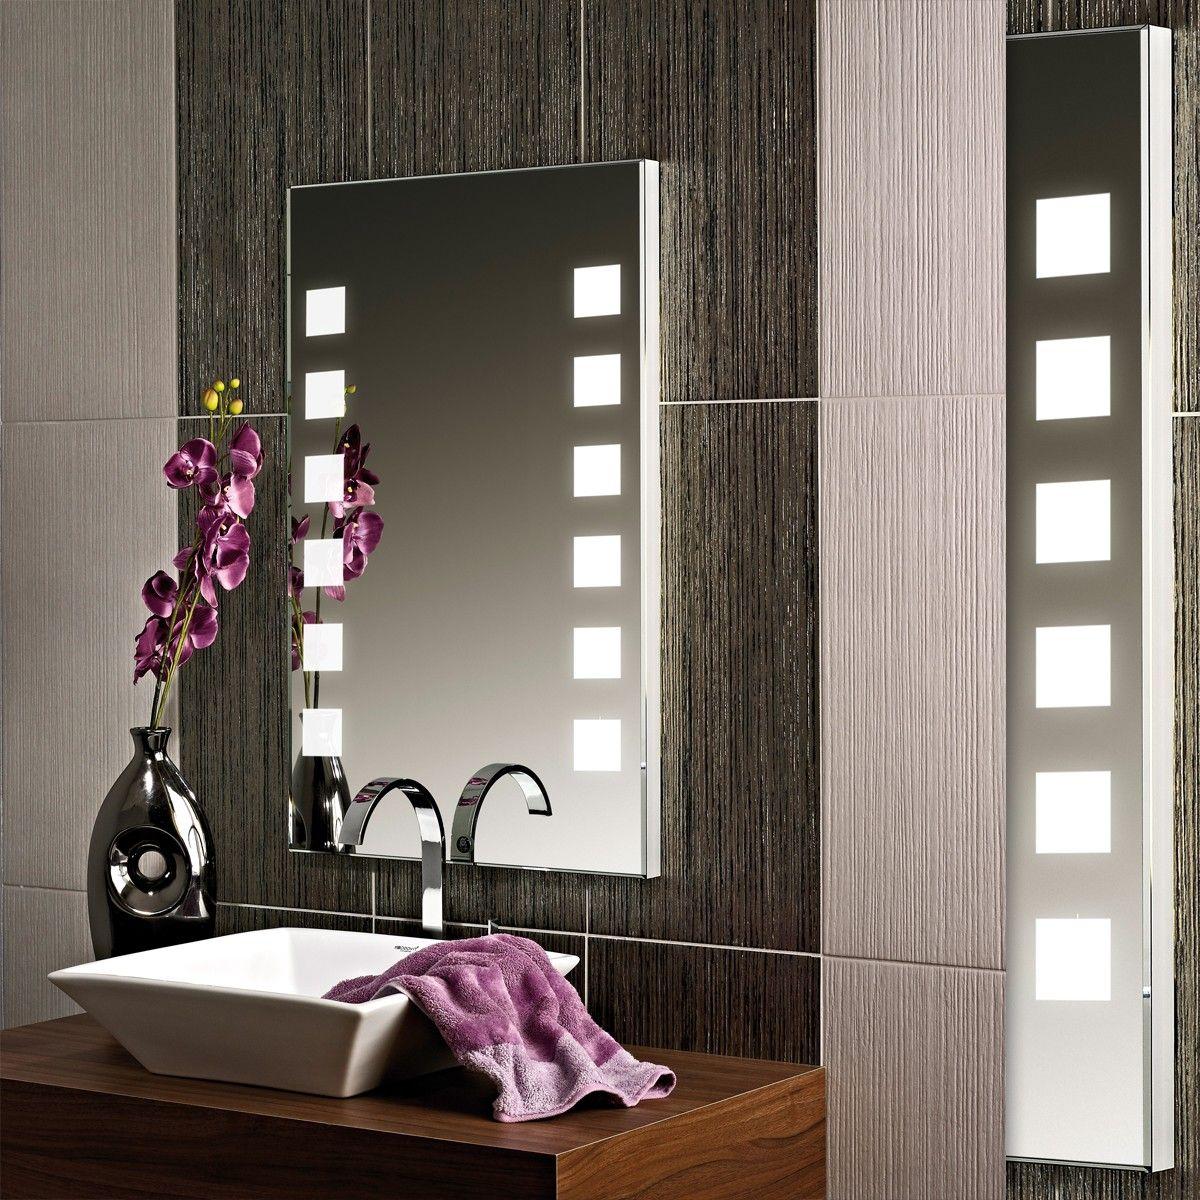 Badezimmer Wandspiegel Mit Licht Emilia Lichtspiegel Badspiegel Wandspiegel Lichtspiegel